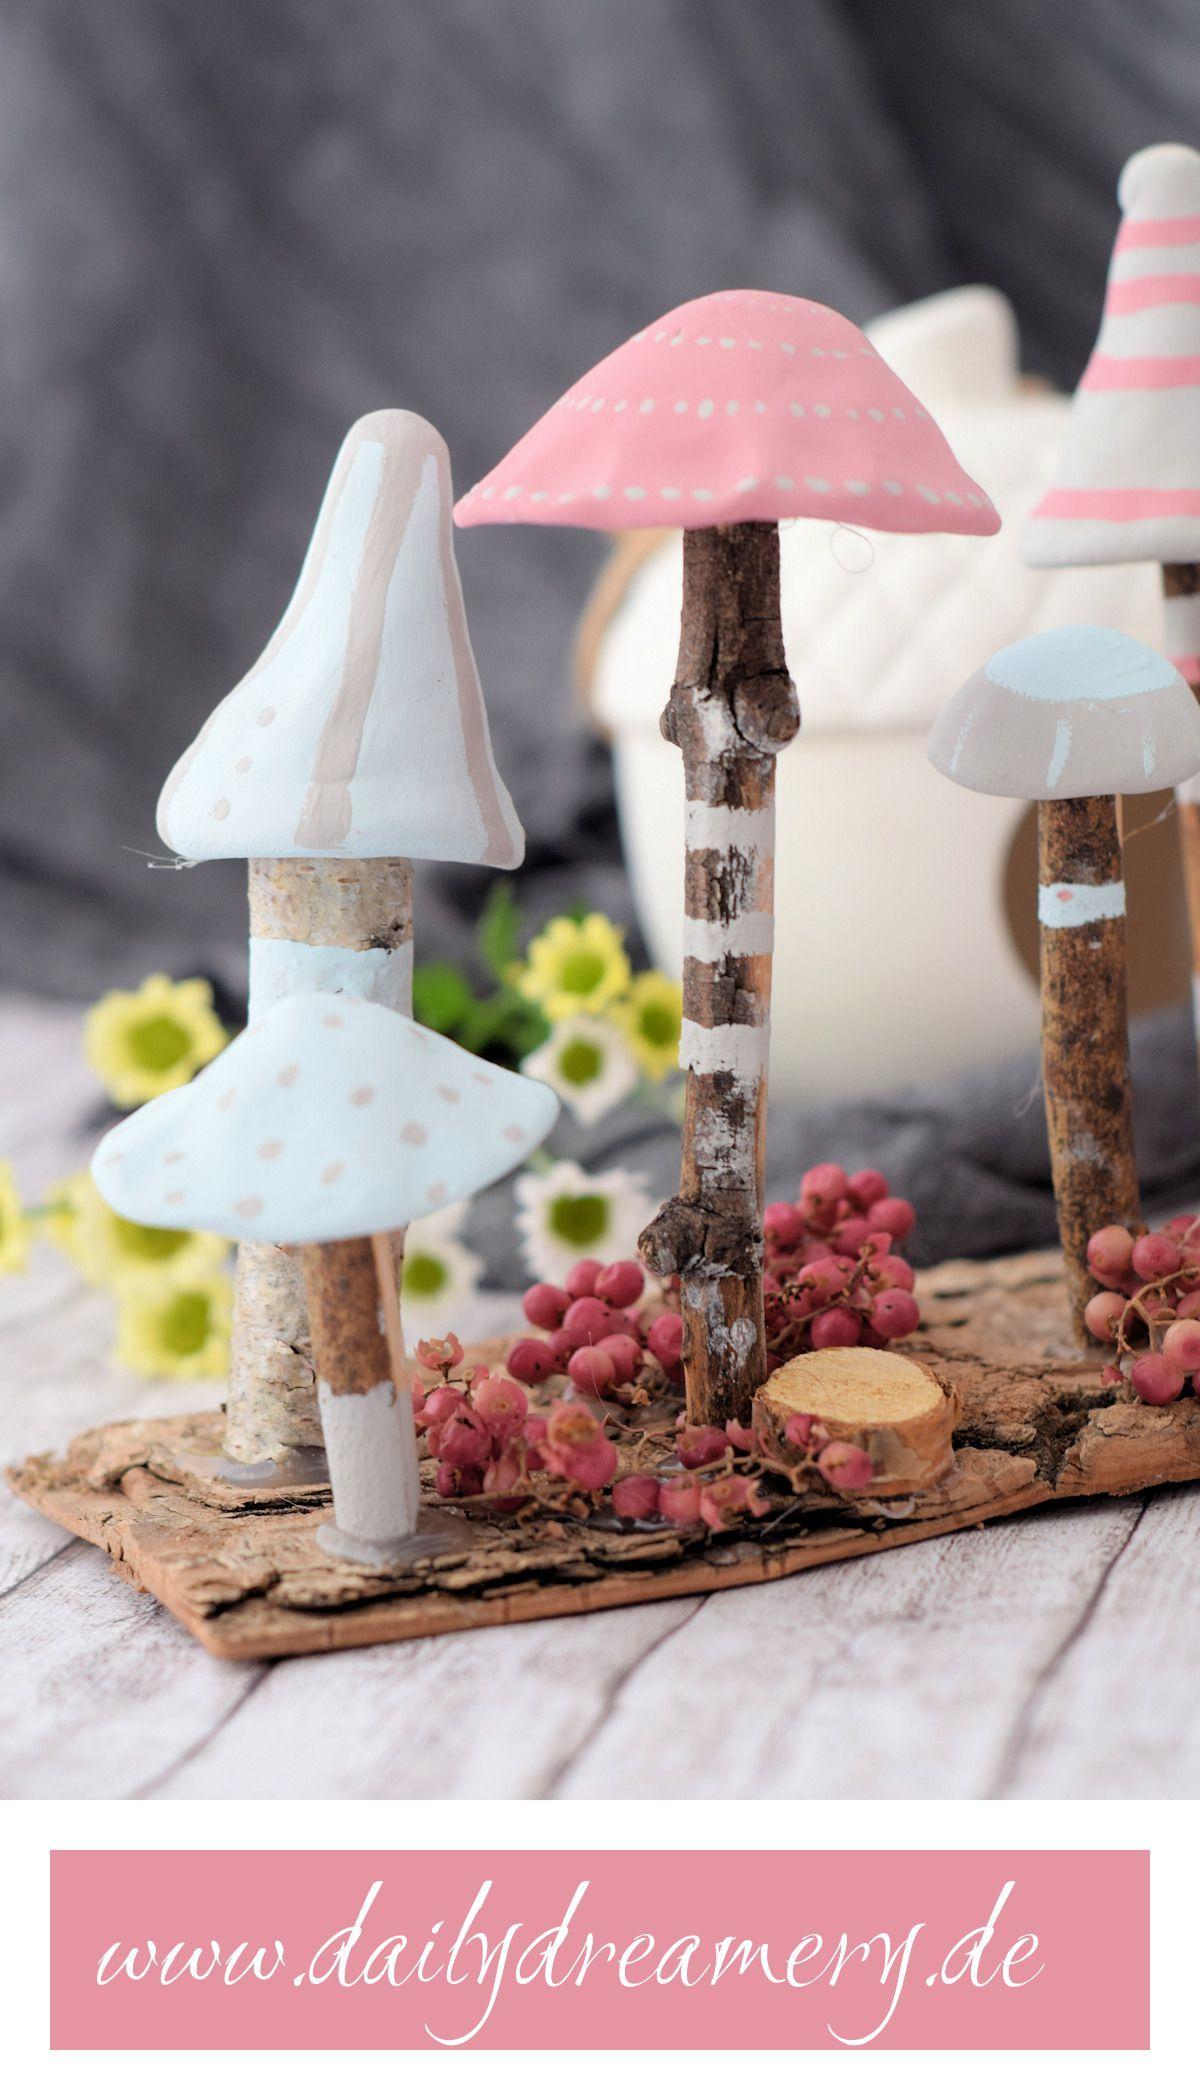 Zauberhafte Mini-Pilze - Herbst-Deko für ein stimmungsvolles Zuhause [Anzeige #kastaniendeko